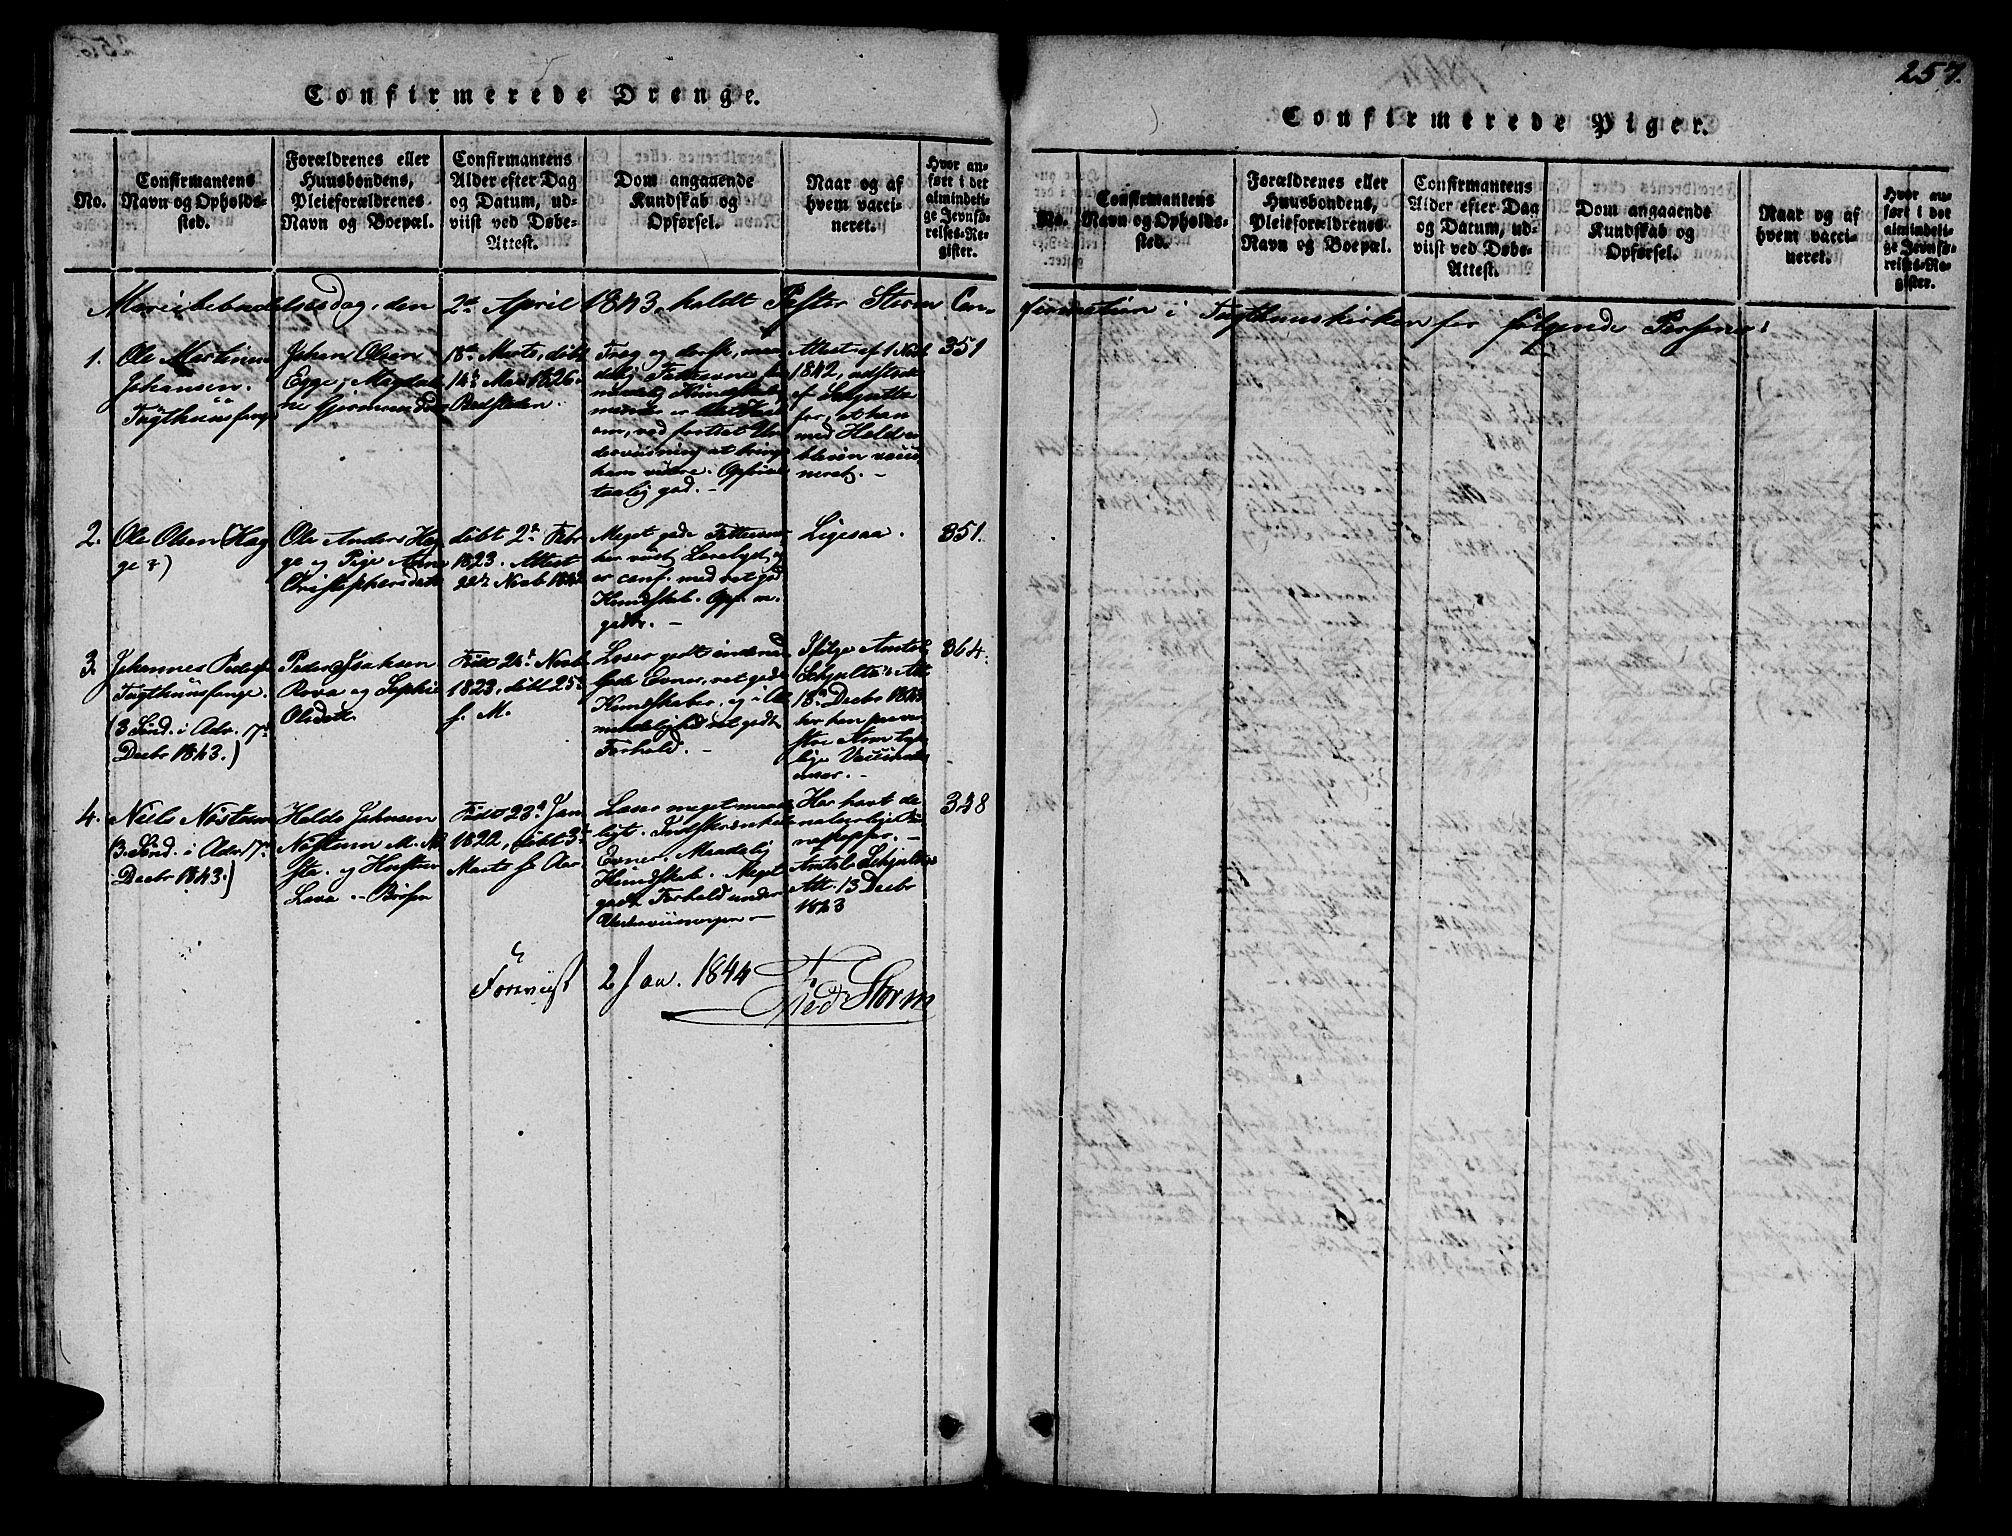 SAT, Ministerialprotokoller, klokkerbøker og fødselsregistre - Sør-Trøndelag, 623/L0478: Klokkerbok nr. 623C01, 1815-1873, s. 257